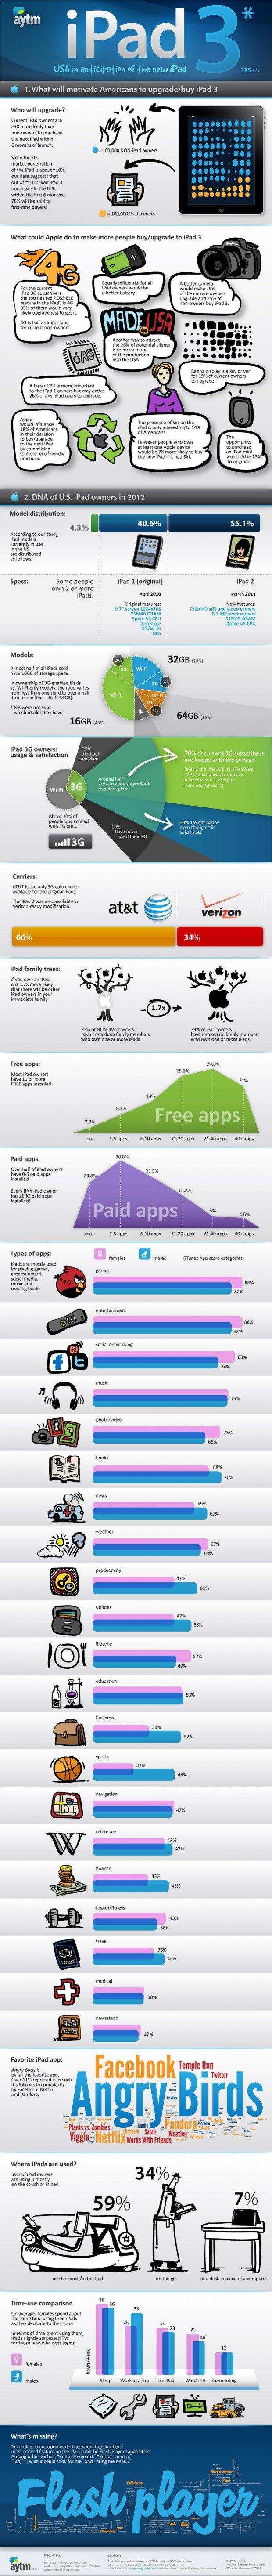 ipad3 infographic